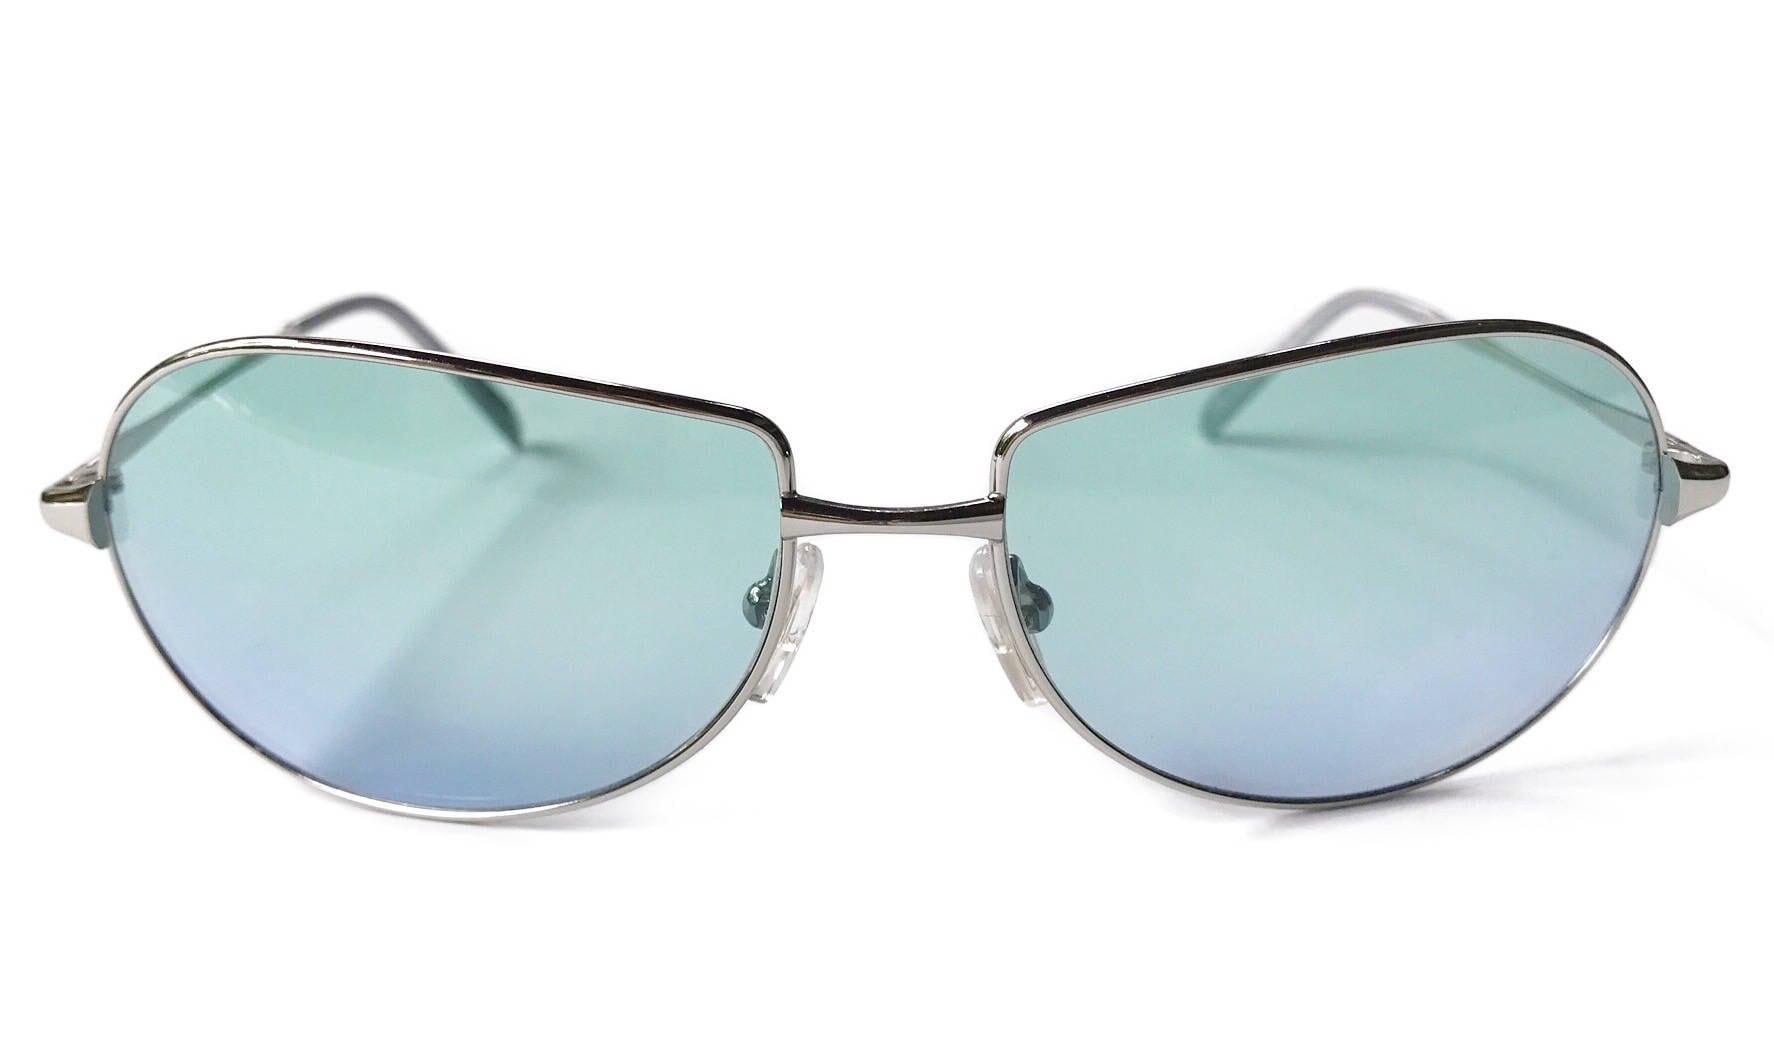 Modo Sonnenbrille Mod 918 Modo Brillen Sonnenbrillen | Etsy